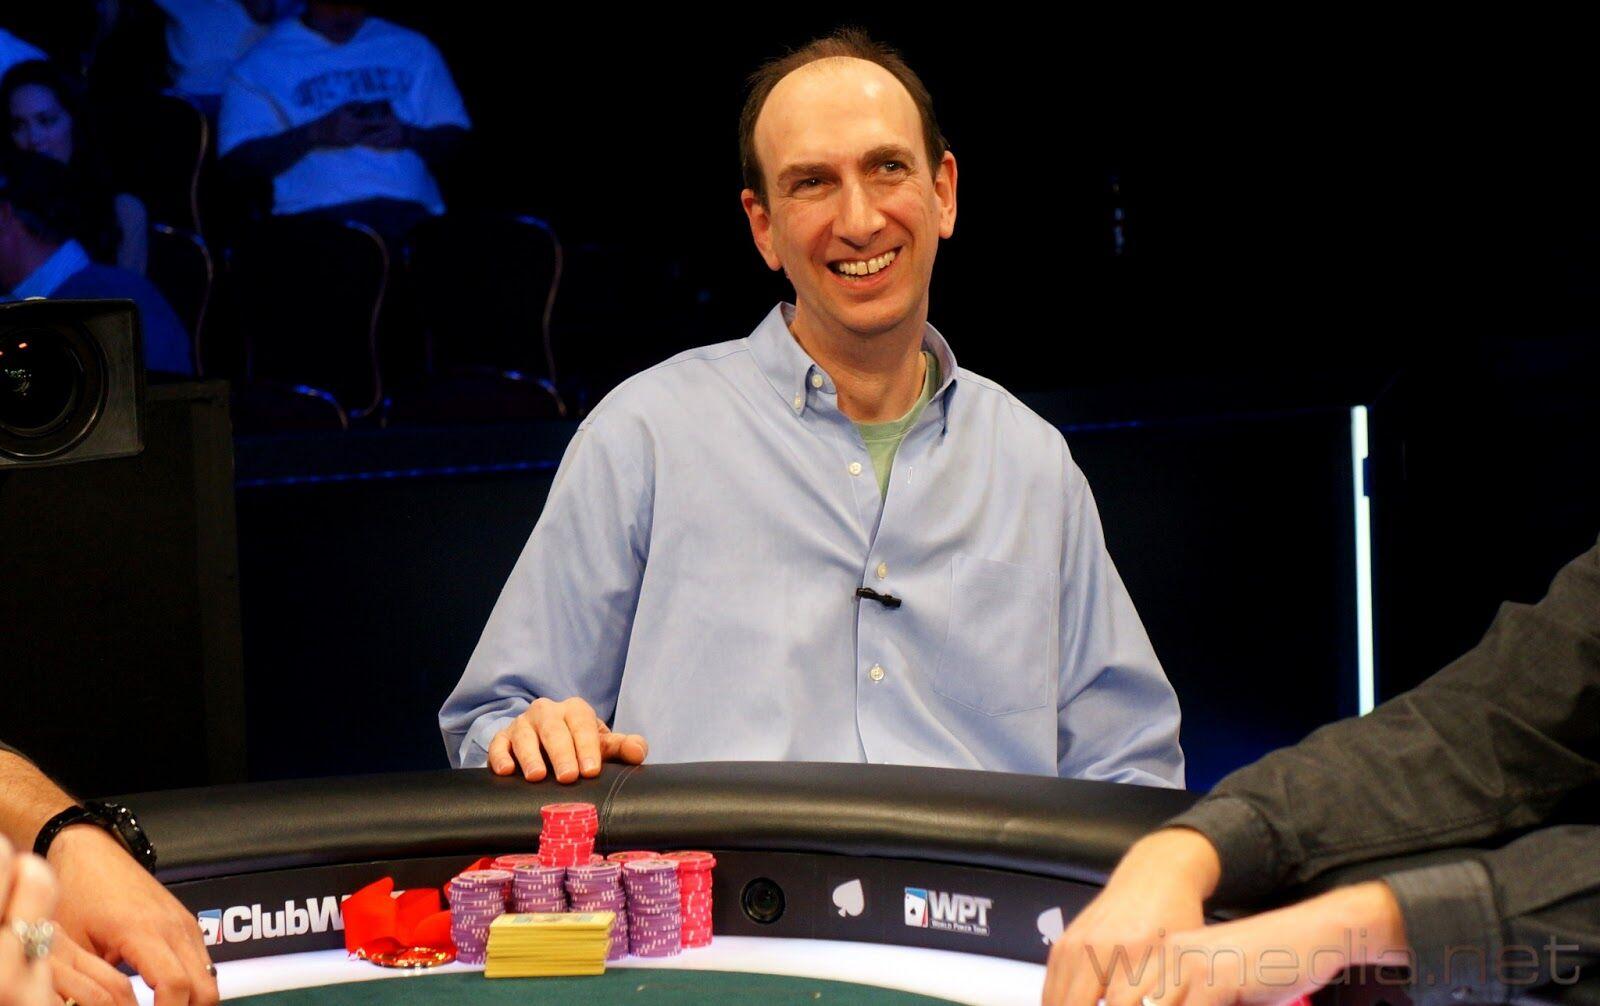 Pemain Yang Mendapatkan Jutaan Dollar Dari Bermain Poker 4